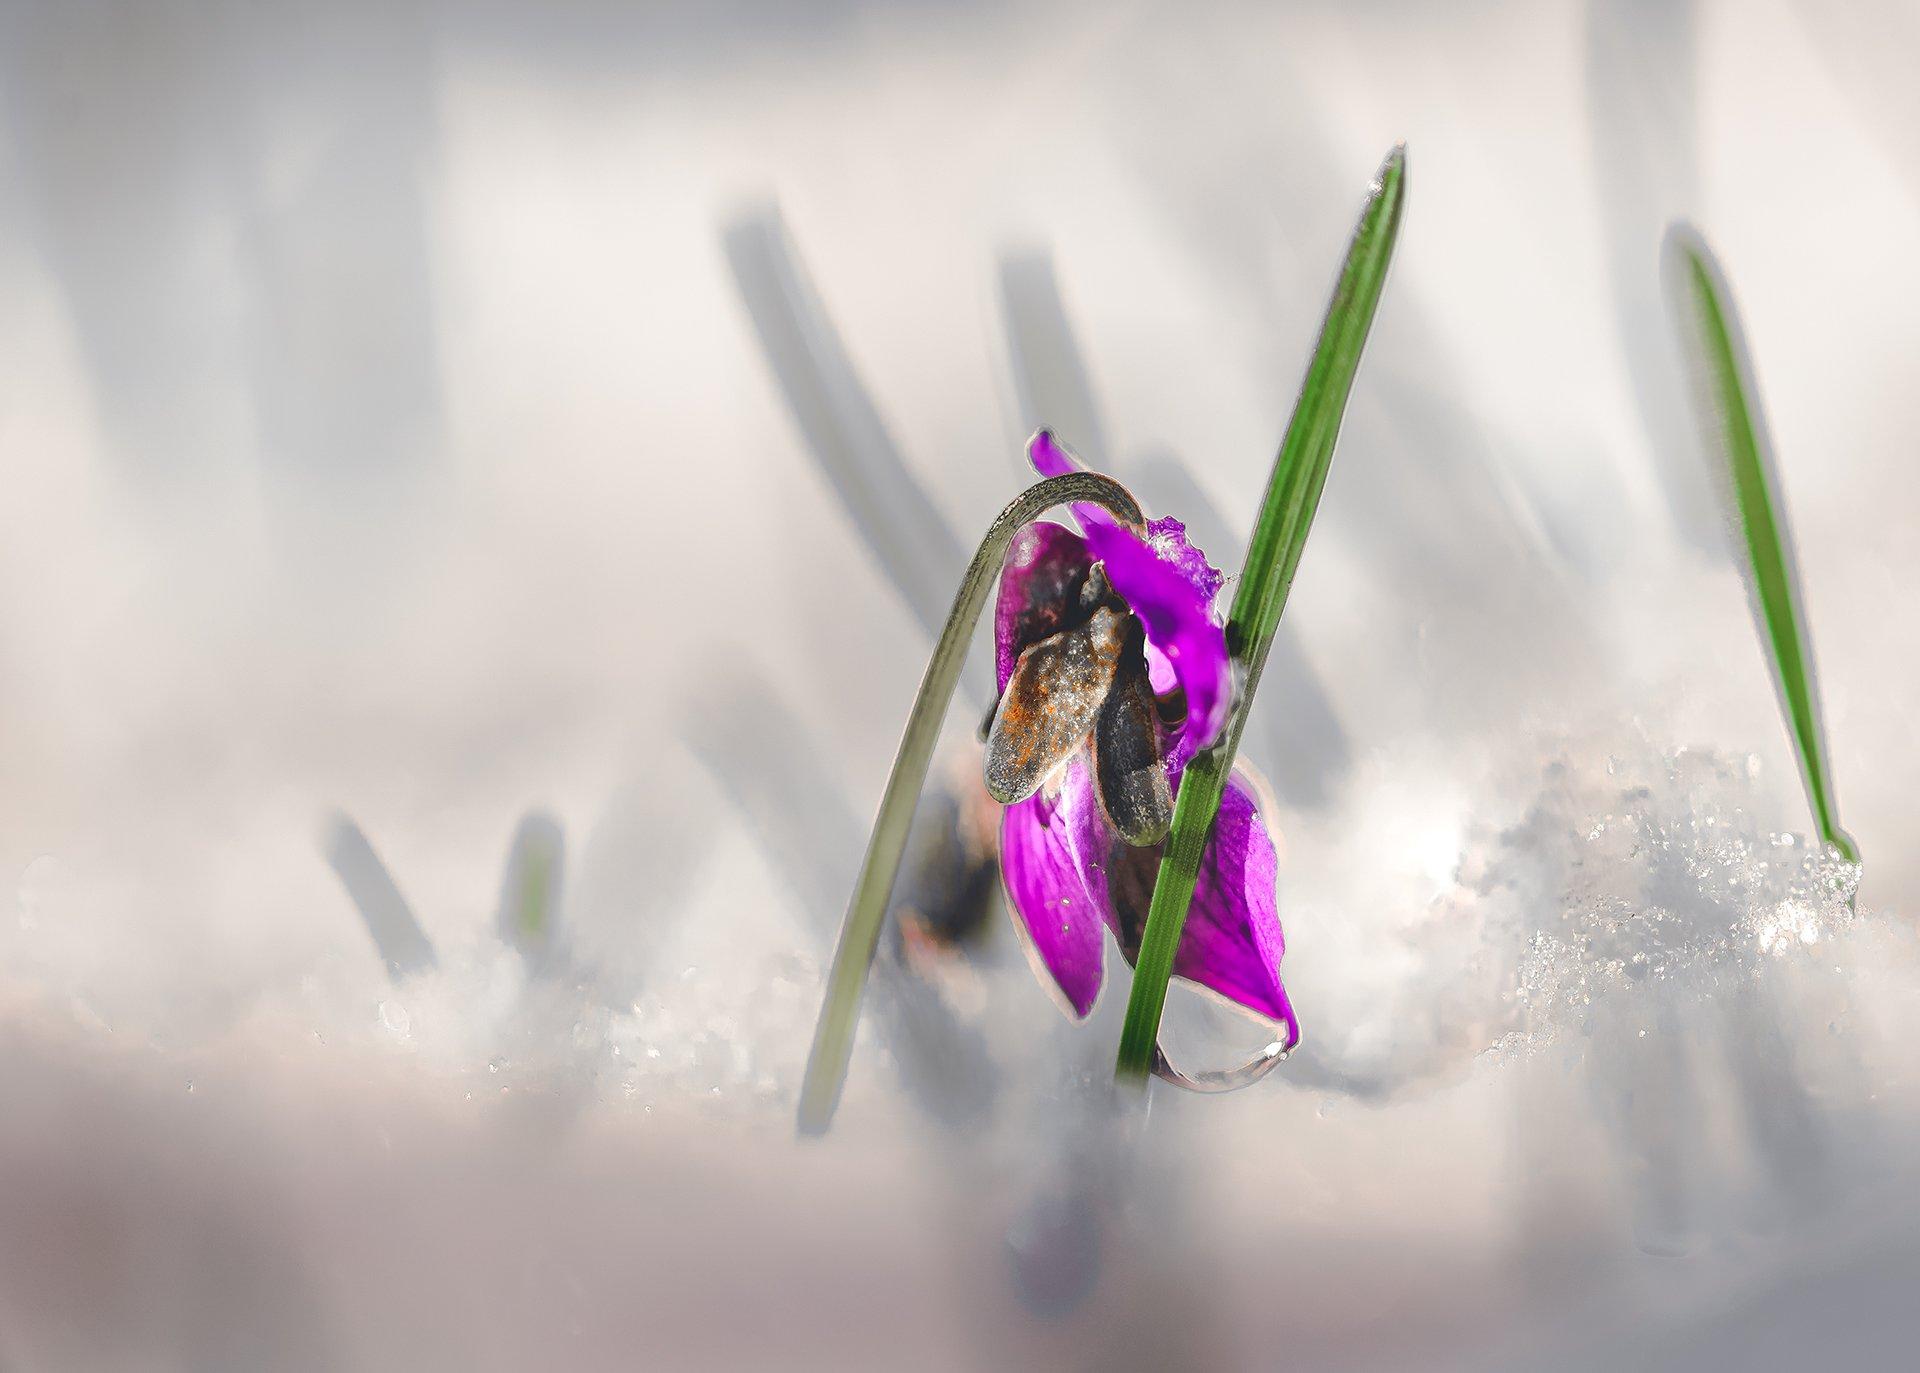 природа, макро, весна, цветы, фиалка, снег, Неля Рачкова